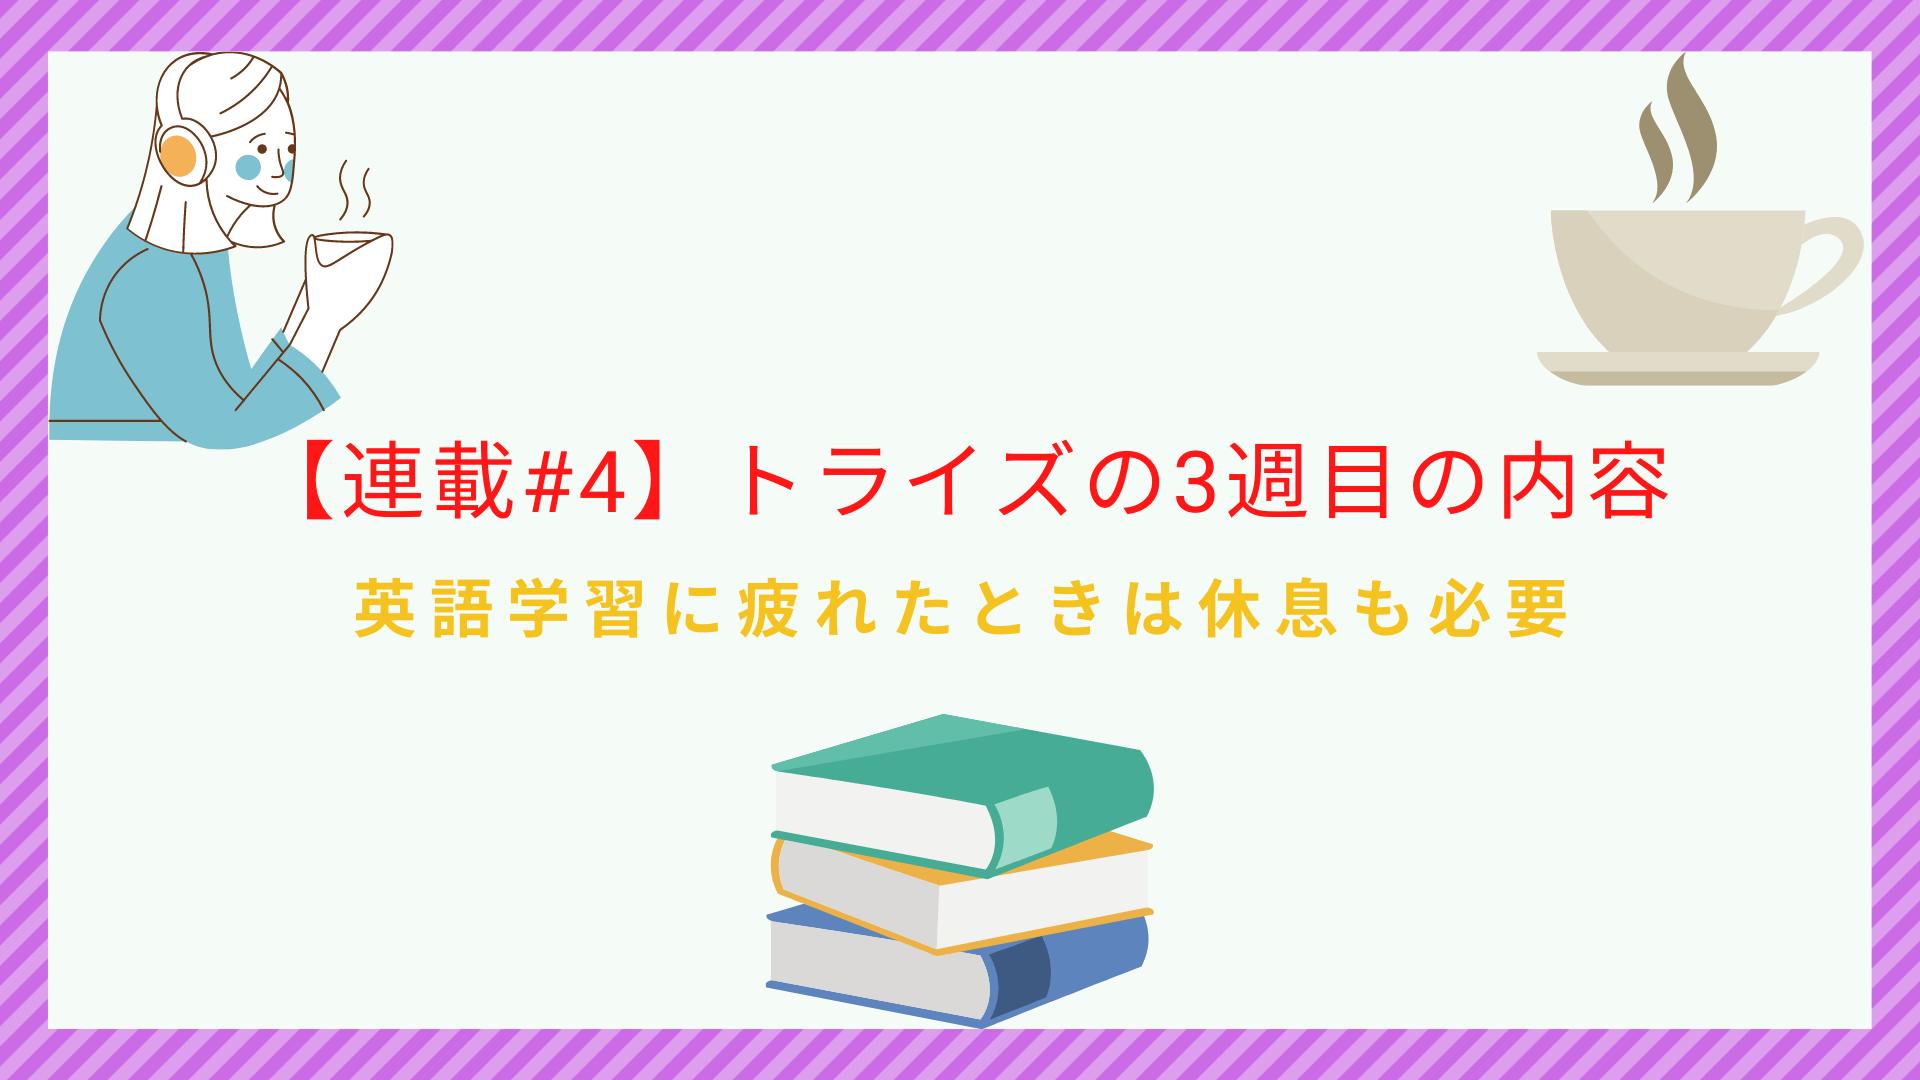 【連載】トライズの教材にコツコツ取り組む|学習3週目レポート